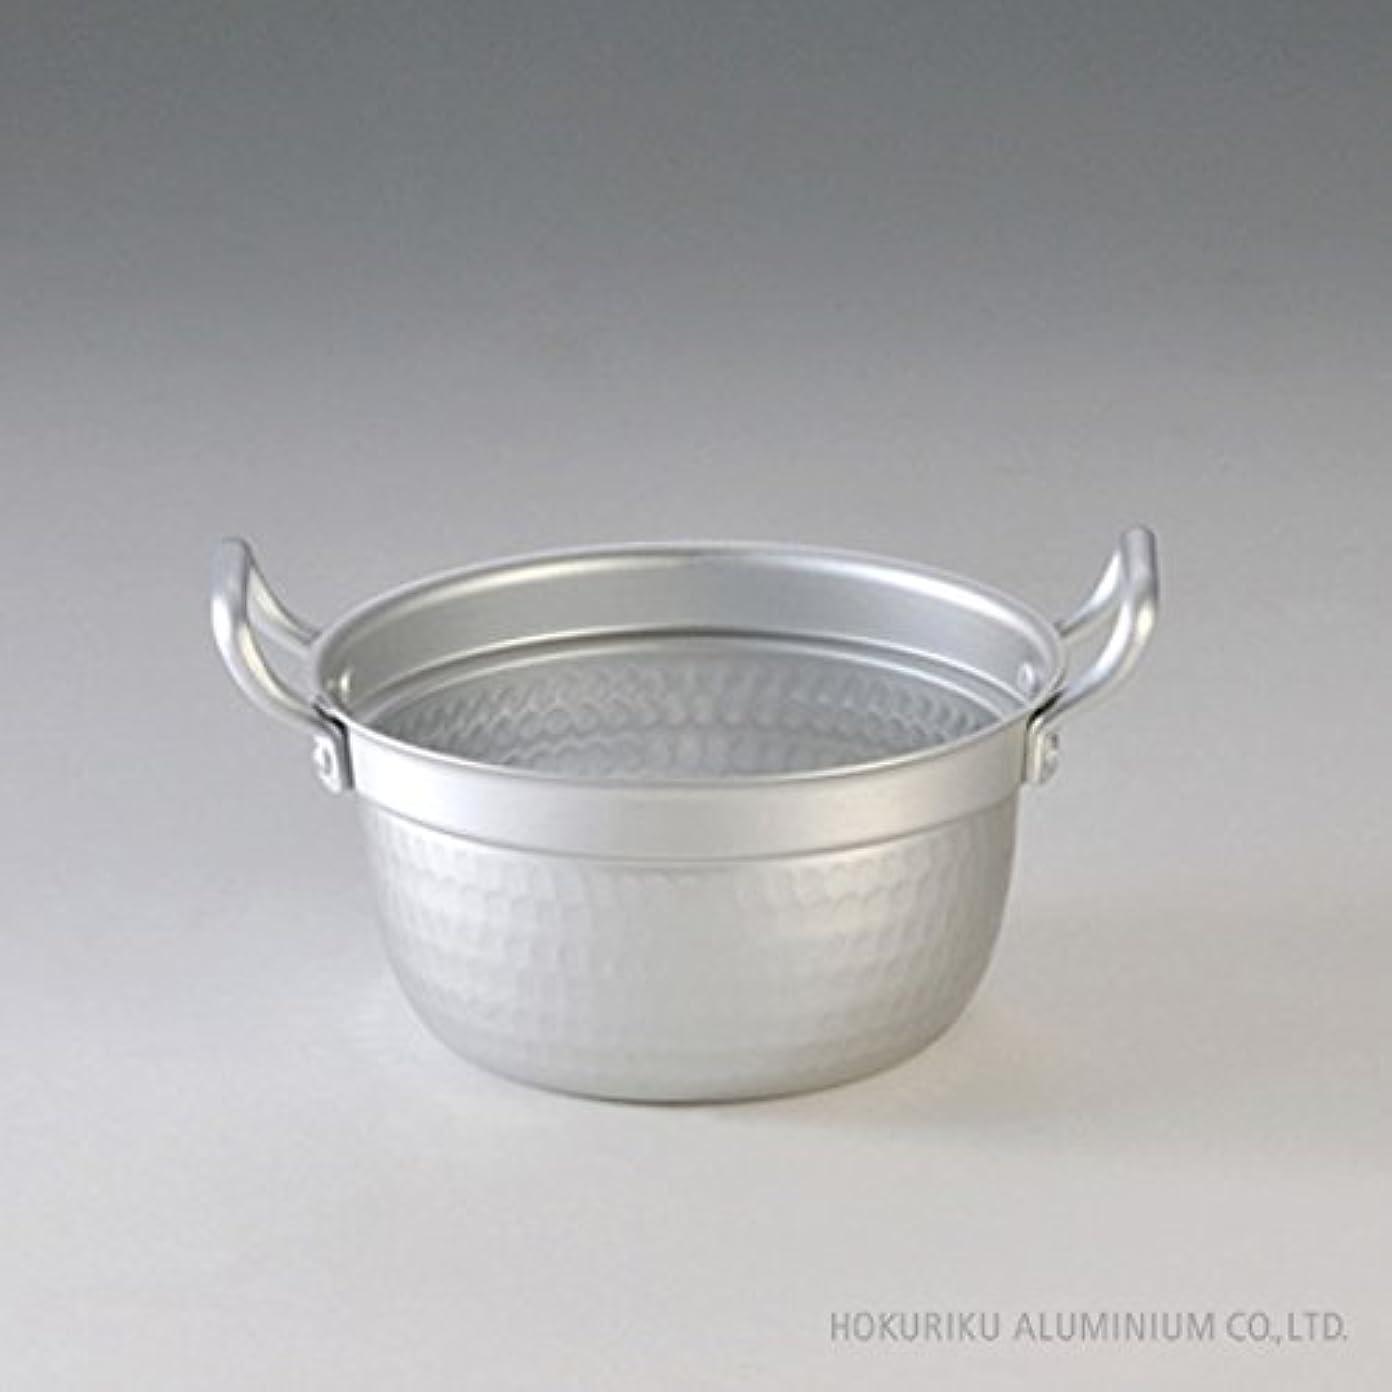 アンテナ酒ファイアル北陸アルミ 段付鍋 萬彩伝 15.5cm